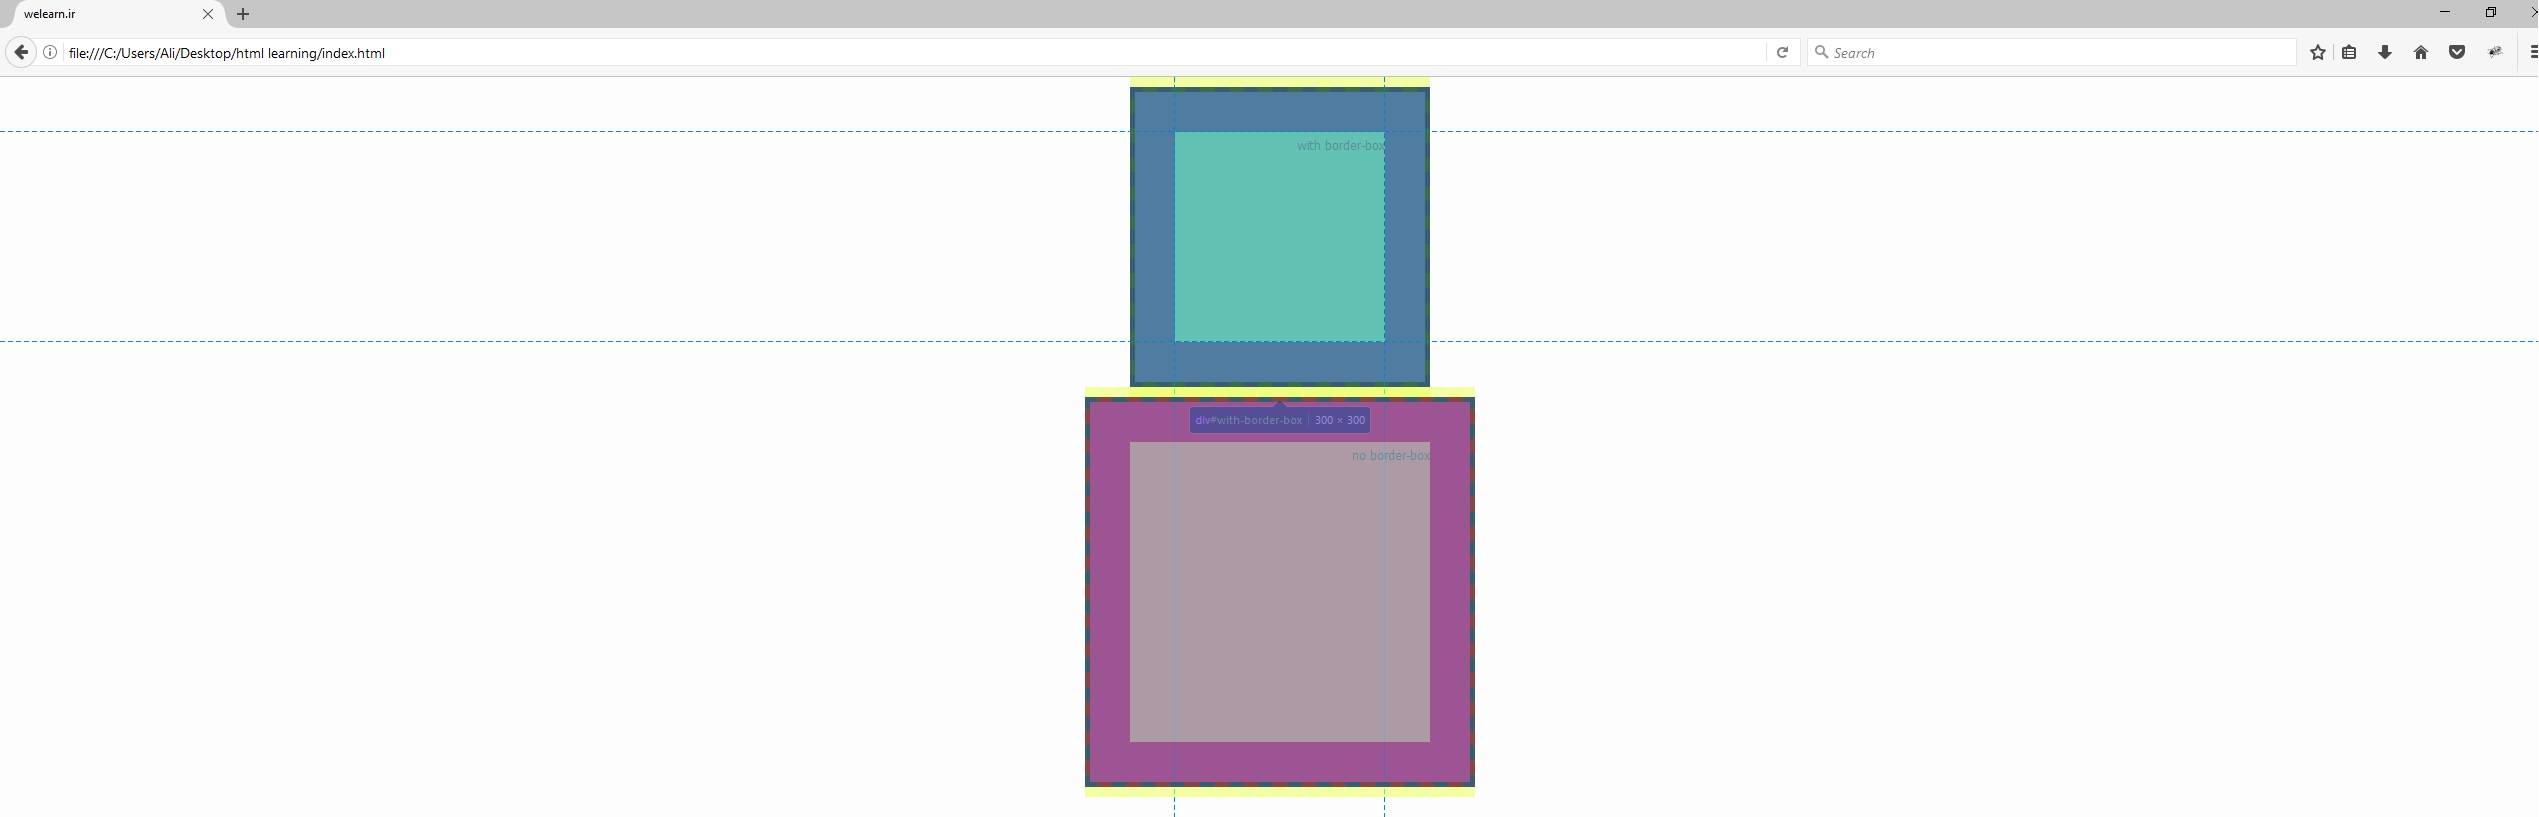 html,css,box-sizing,margin,padding,border